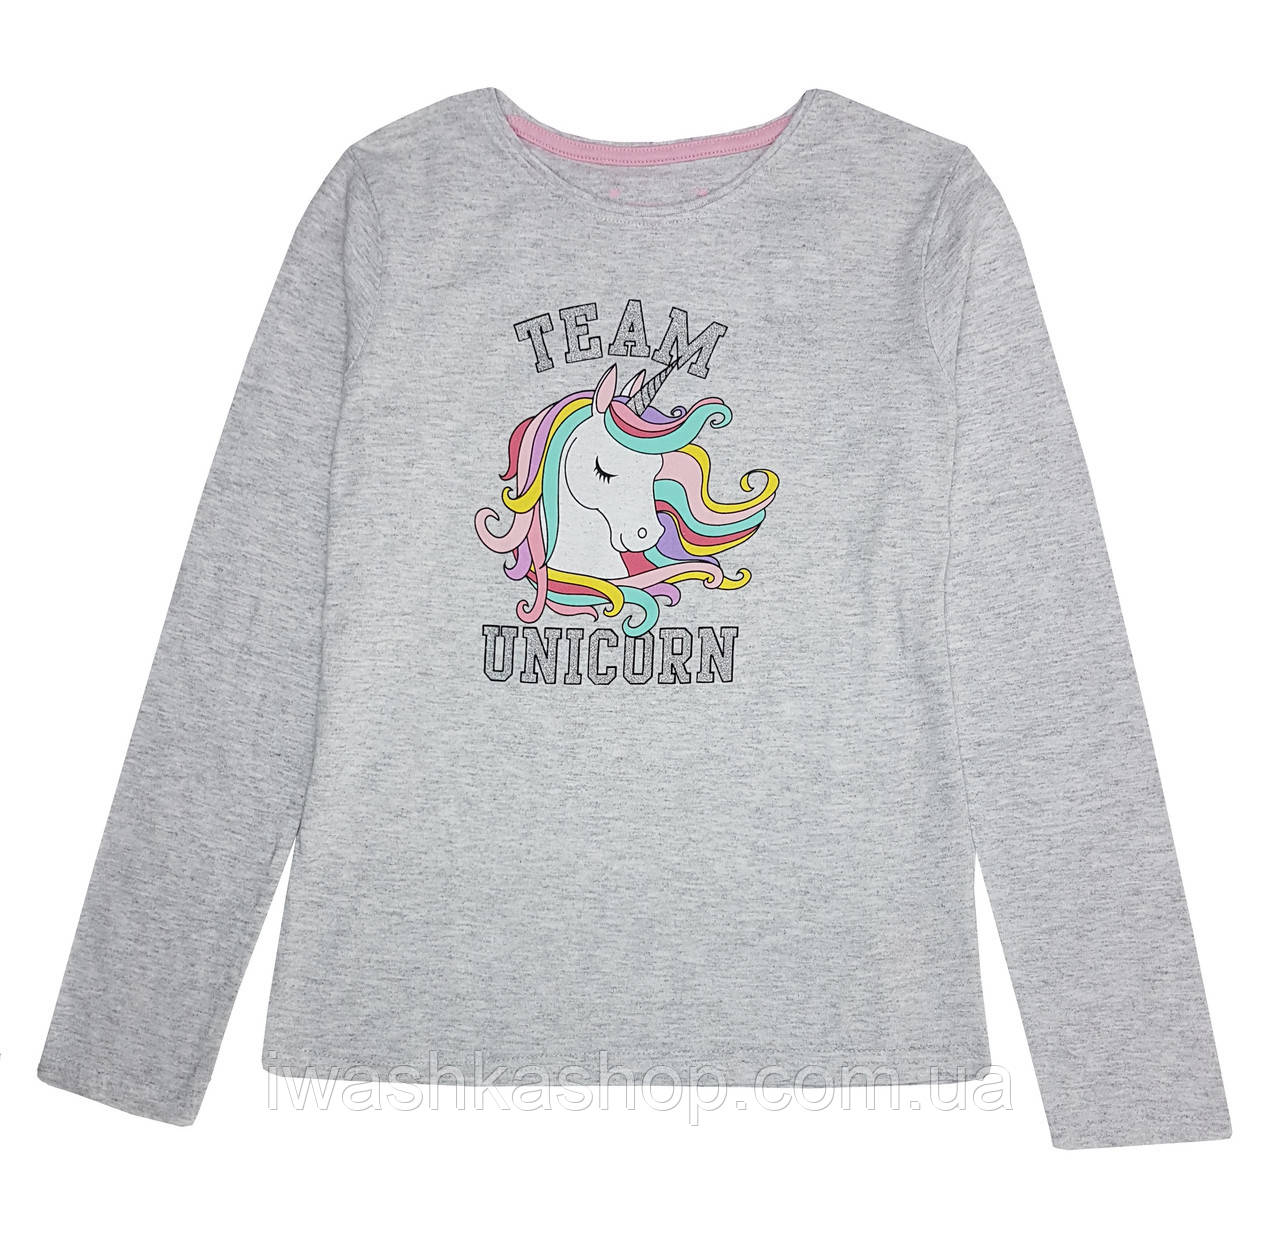 Модный серый лонгслив с единорогом для девочки 9 - 10 лет, р. 140, Primark